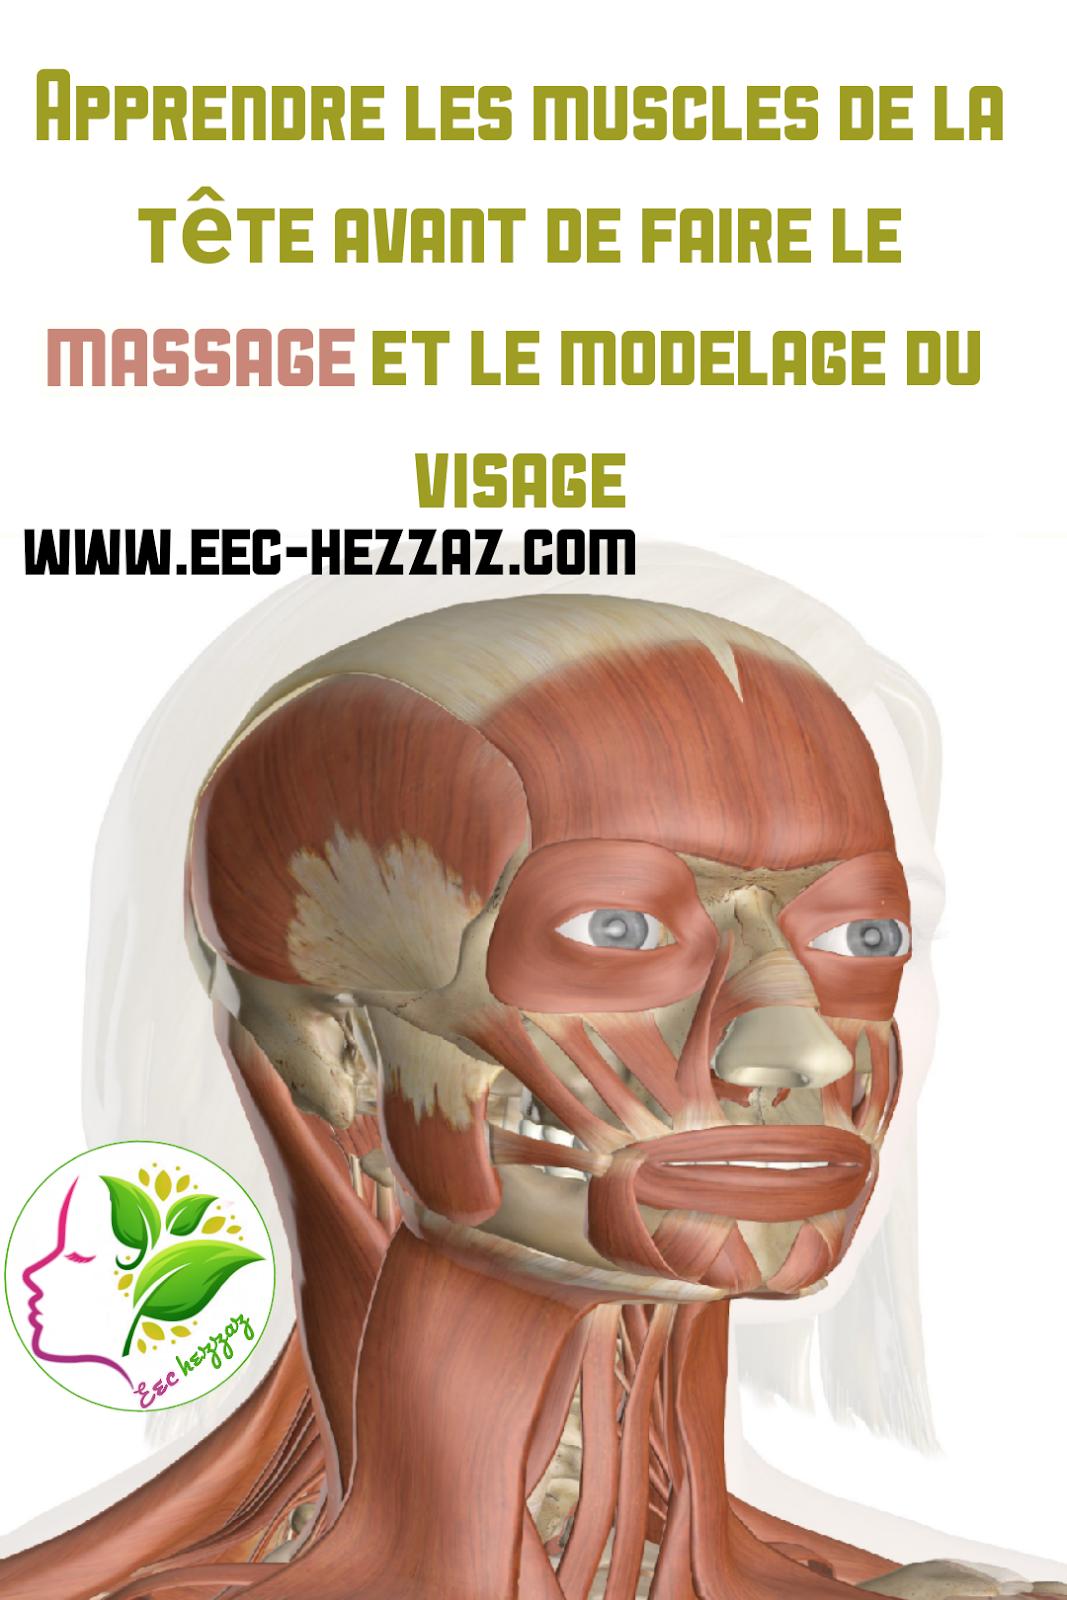 Apprendre les muscles de la tête avant de faire le massage et le modelage du visage